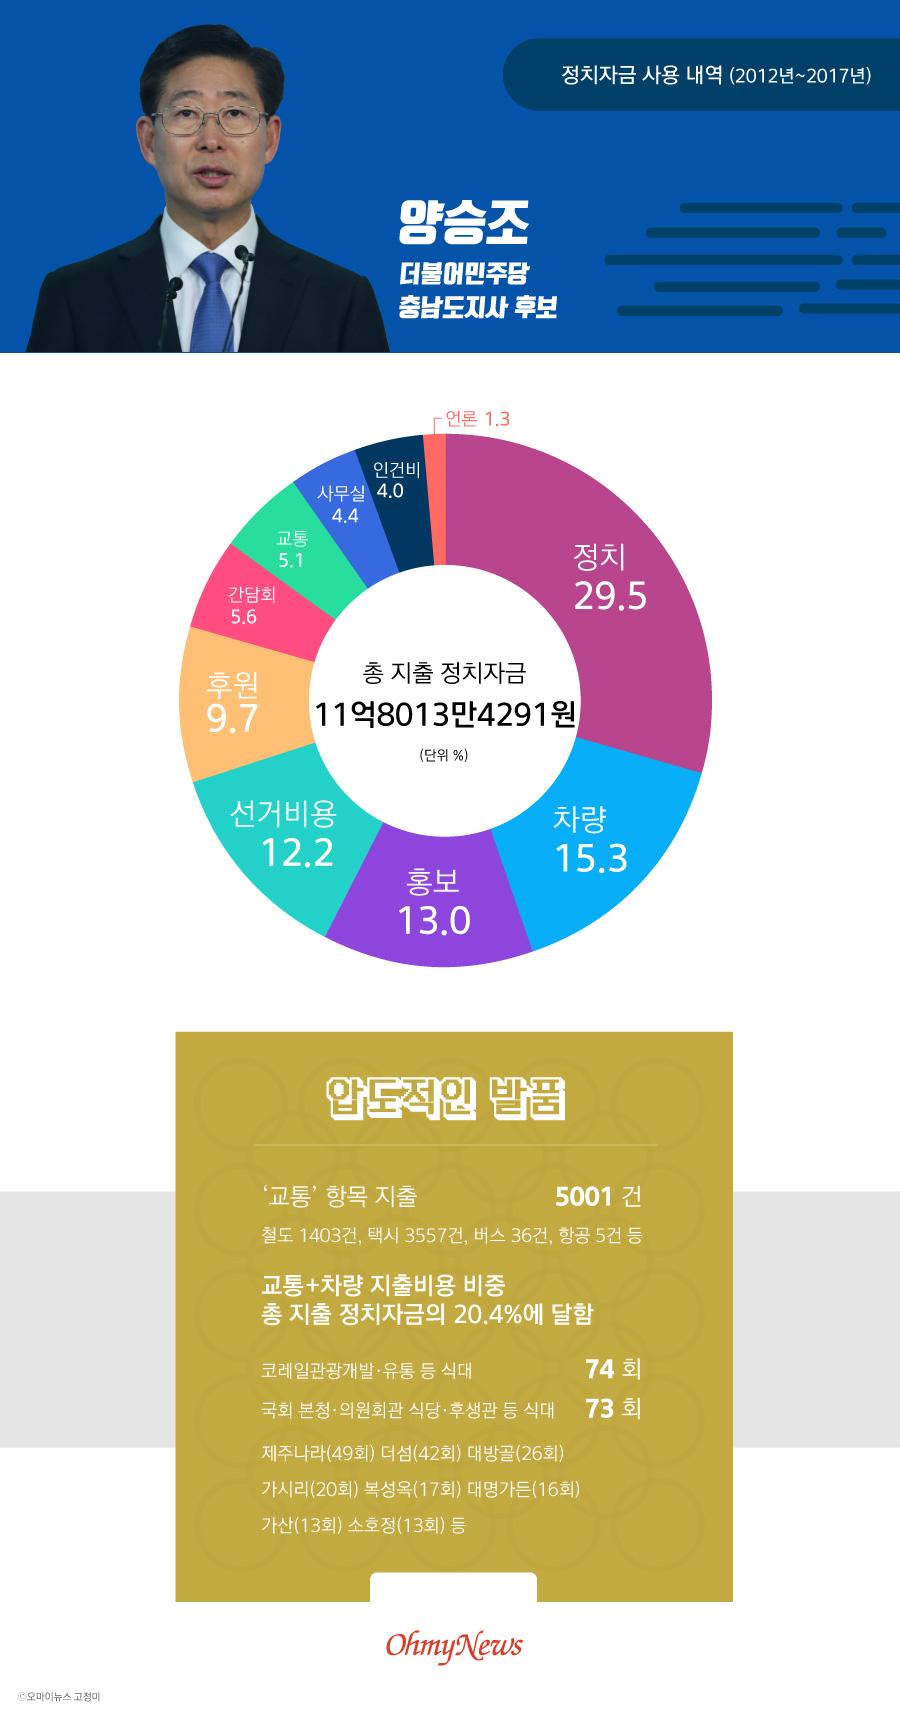 6.13 지방선거 양승조 더불어민주당 충남도지사 후보 정치자금 사용 내역